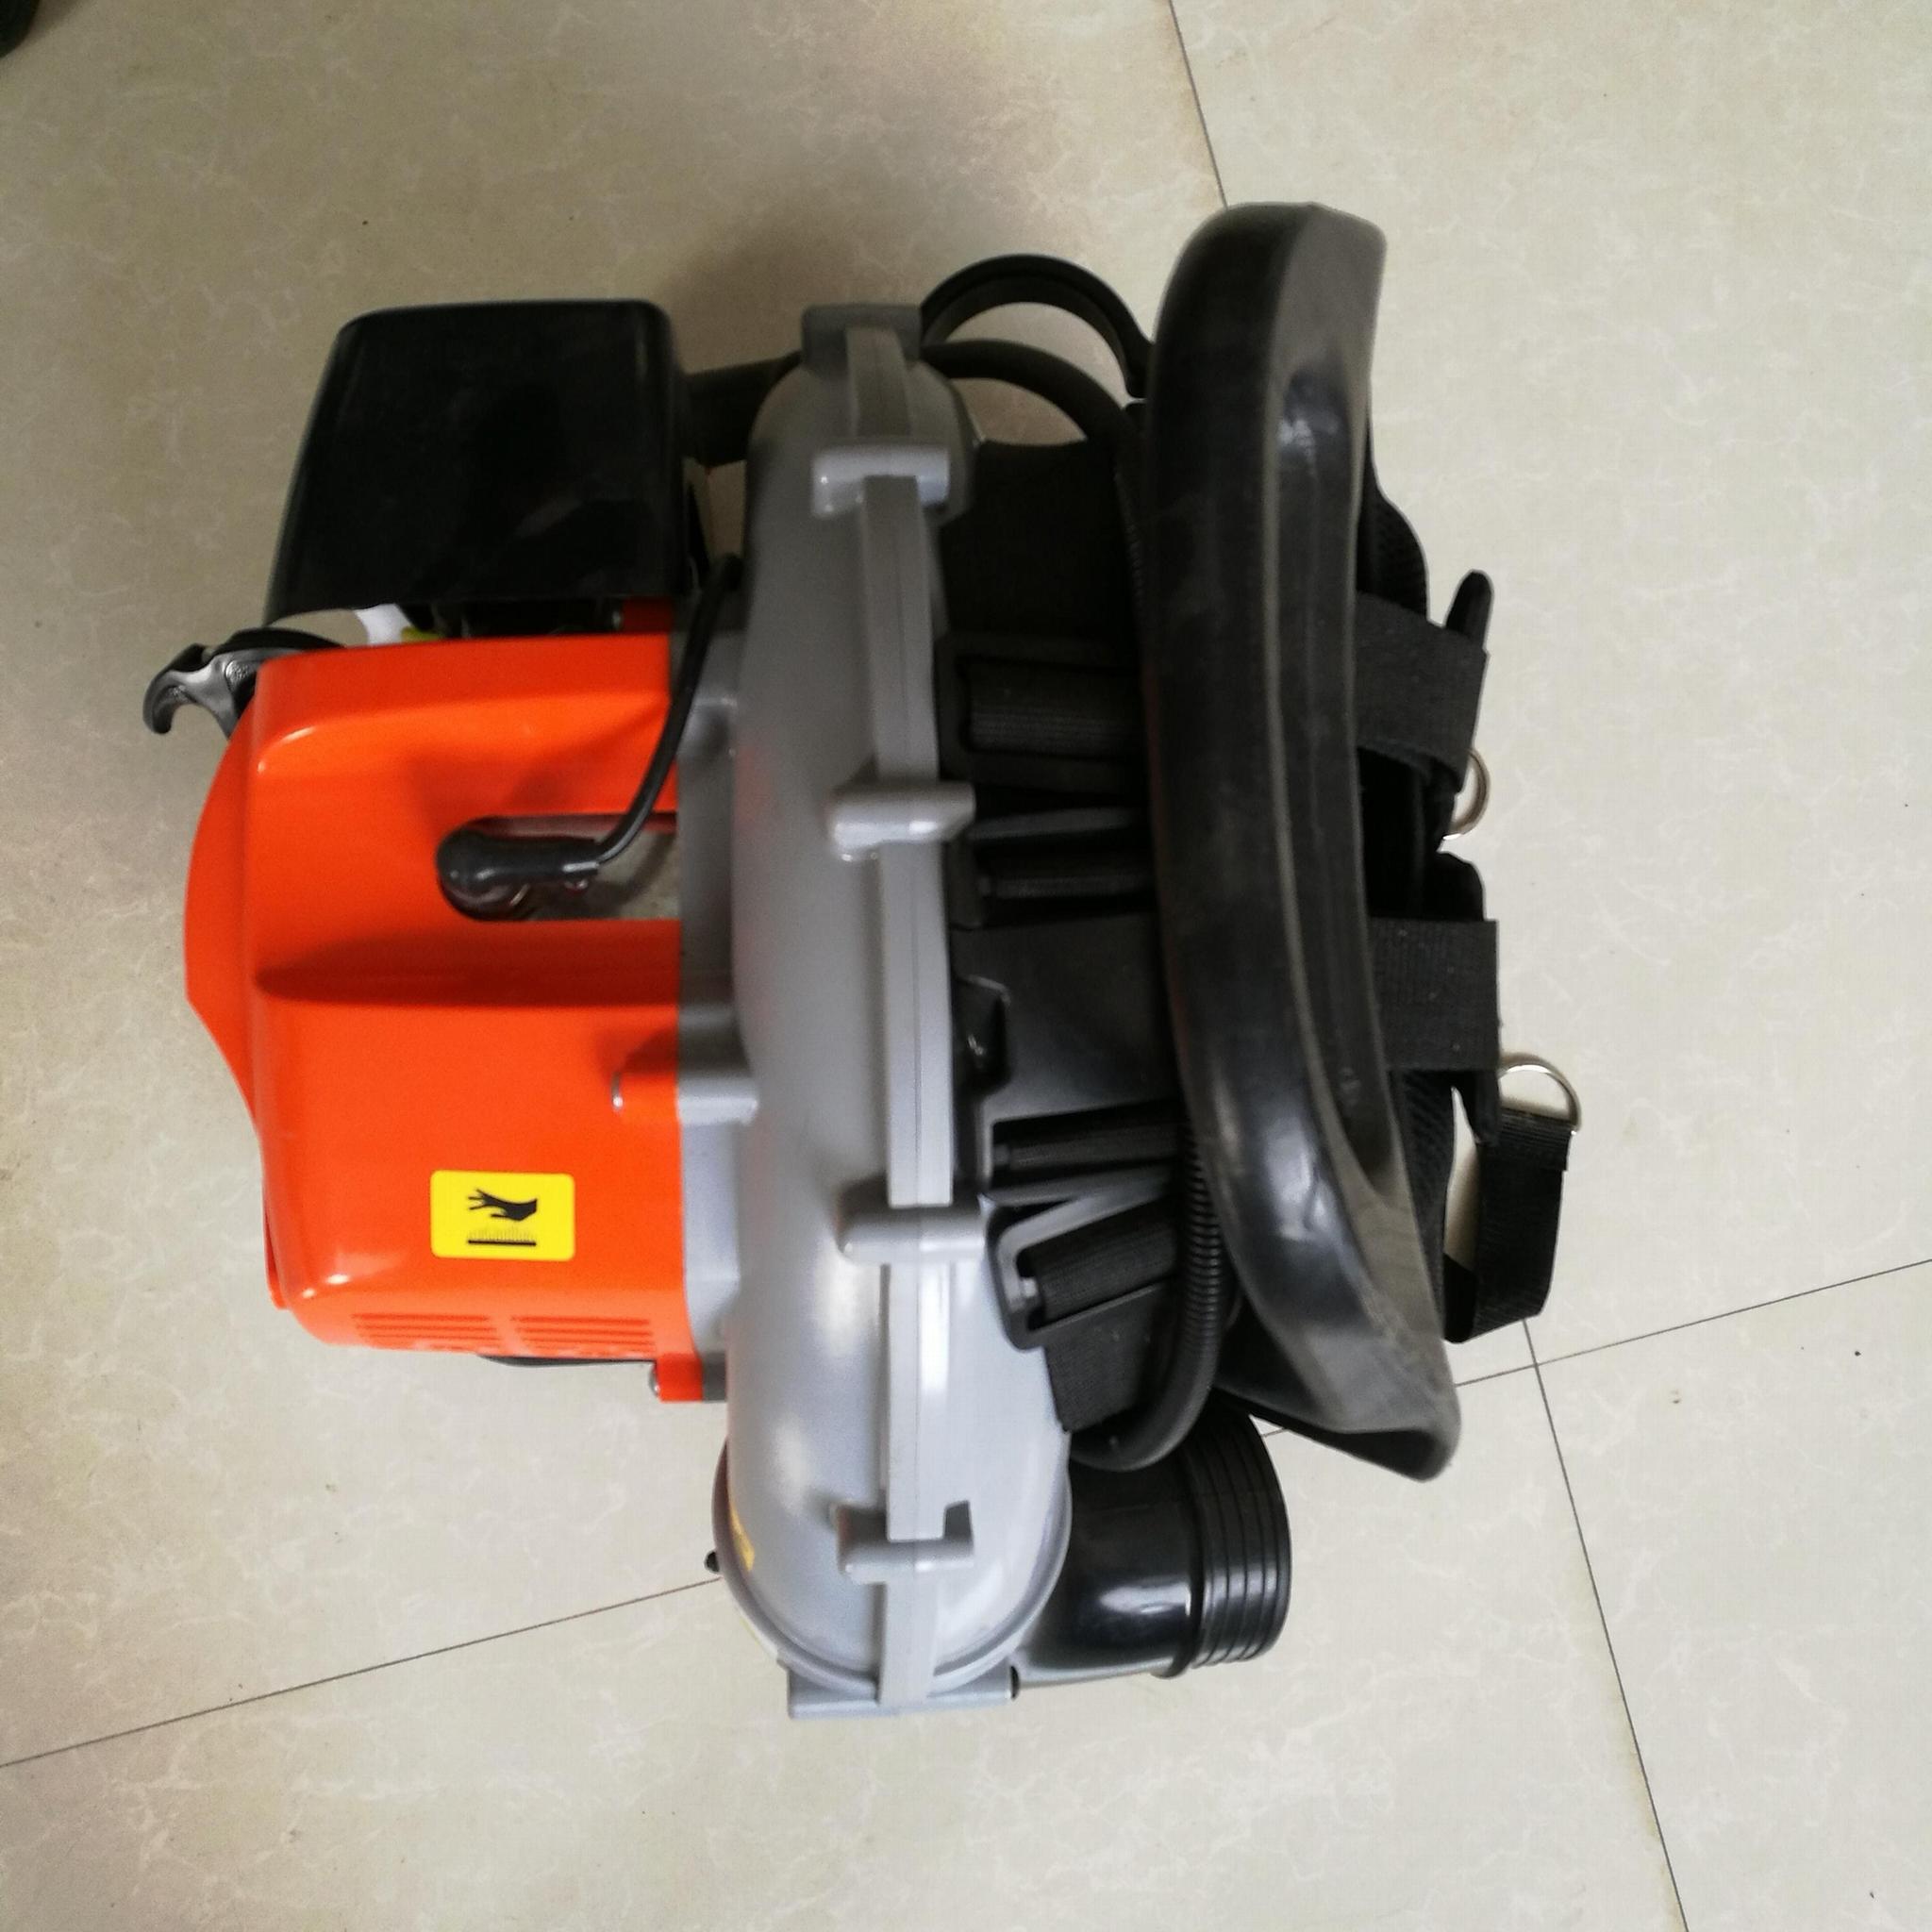 帶歐五CE揹負式大風力森防滅火機道路綠化吹風清掃機 6